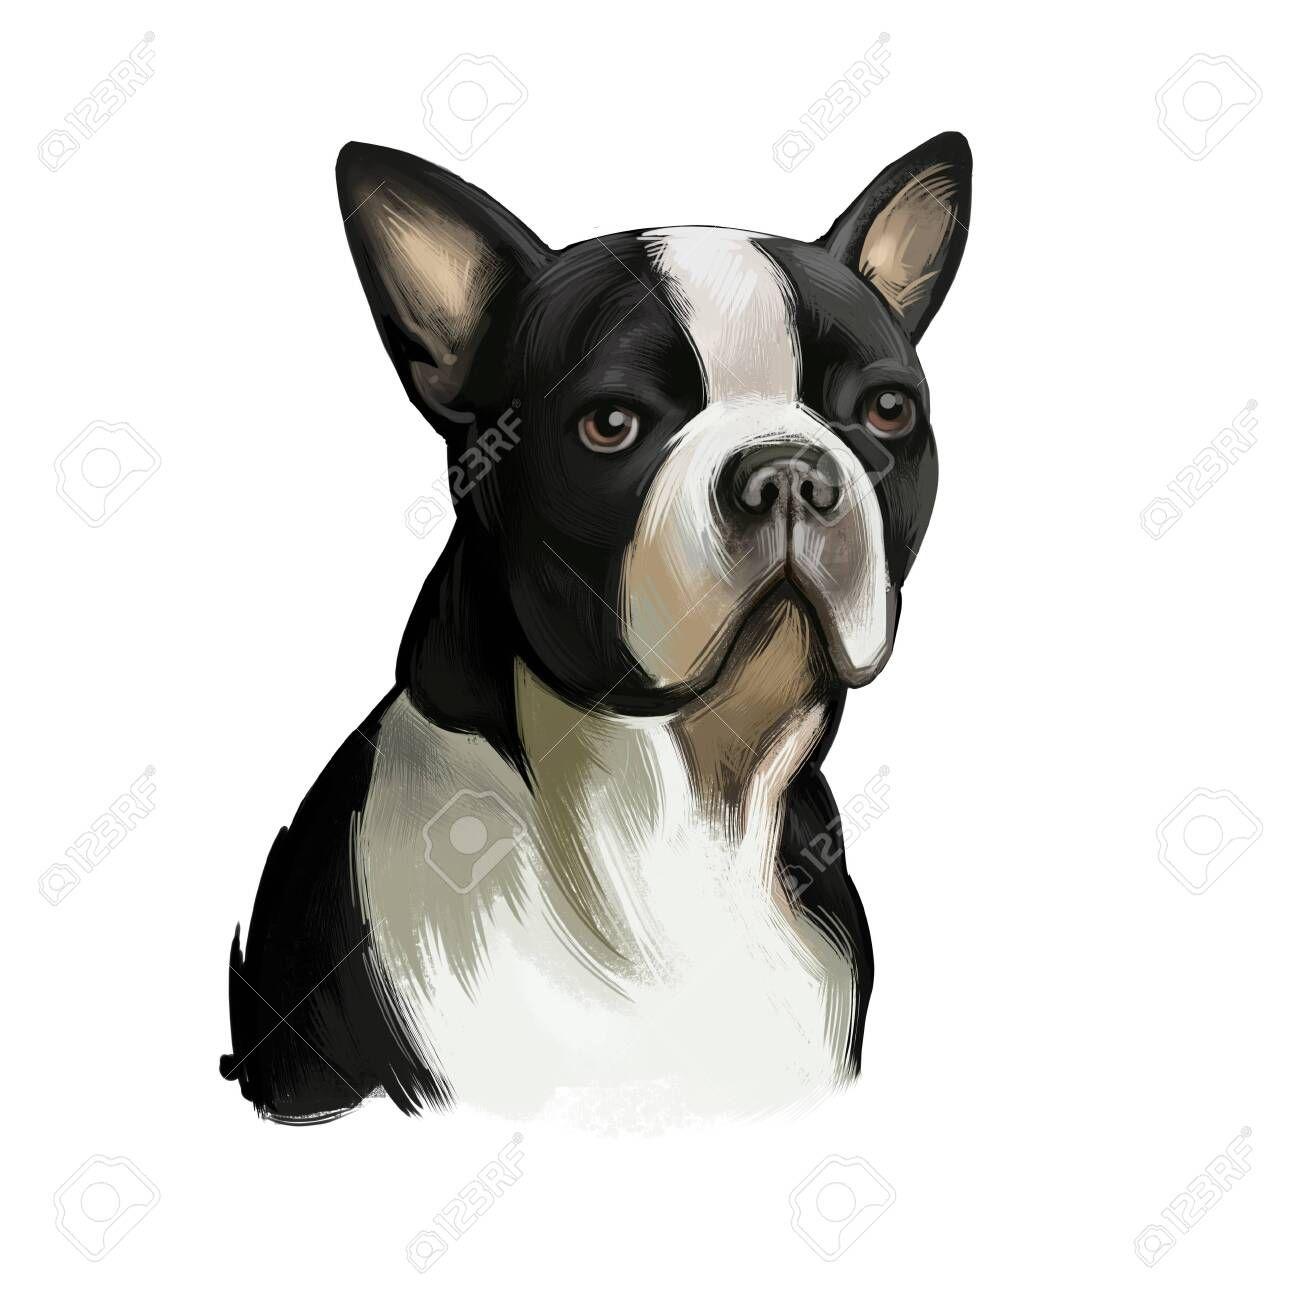 Boston Terrier Dog Breed Isolated On White Background Digital Art Illustration Boston Terrier Is A Compact Dog Portraits Boston Terrier Dog Terrier Dog Breeds